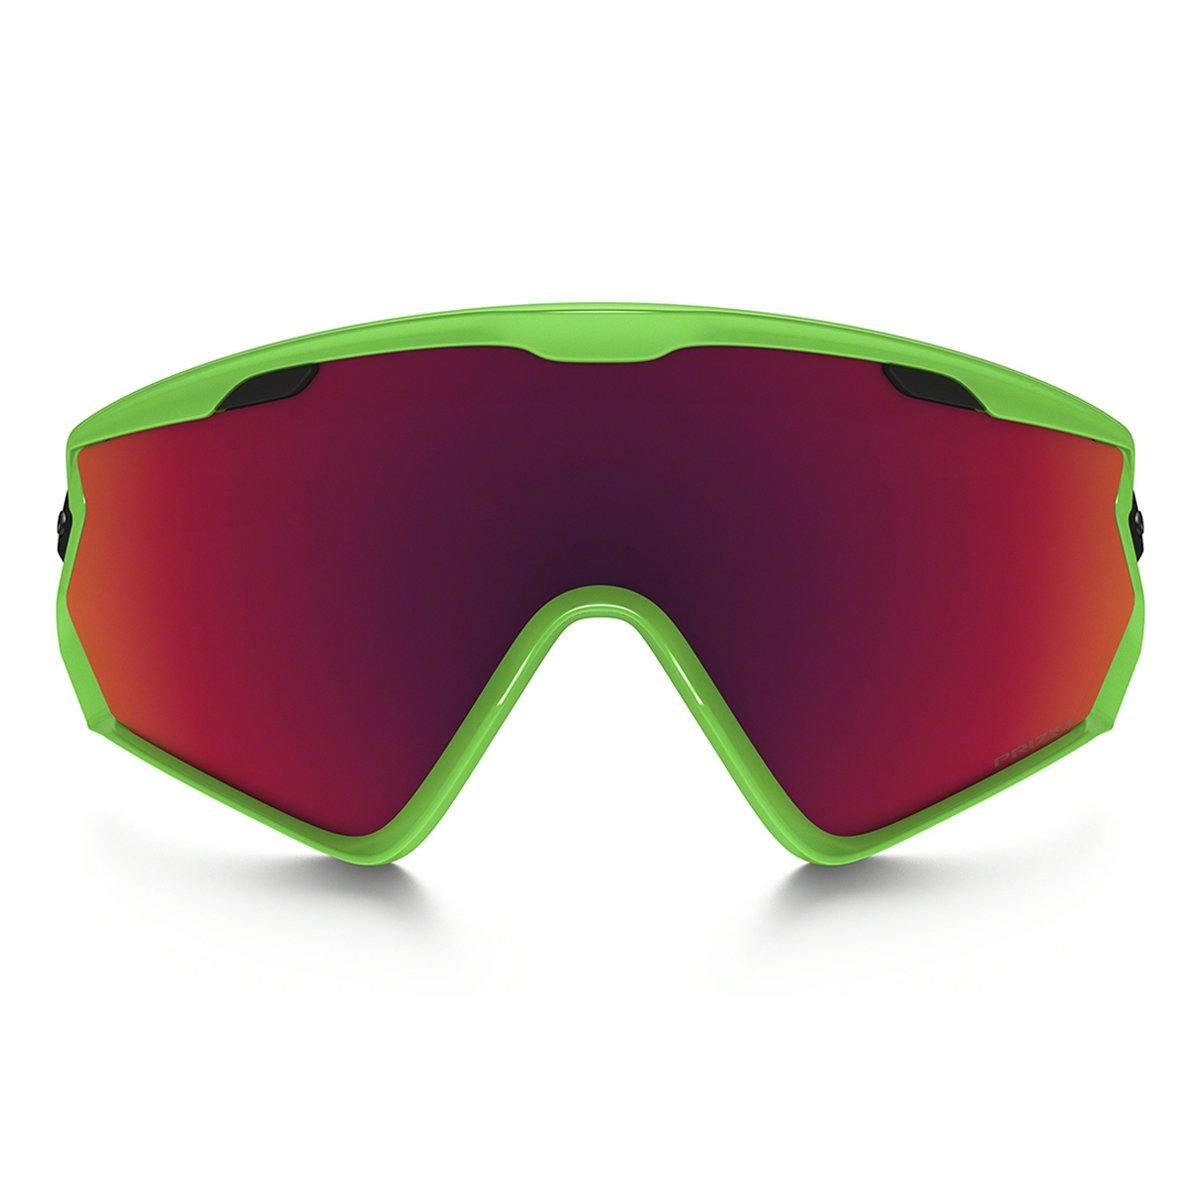 6344cb6de0da7 OAKLEY Men s Wind Jacket 2.0 707204 0 Sports Glasses